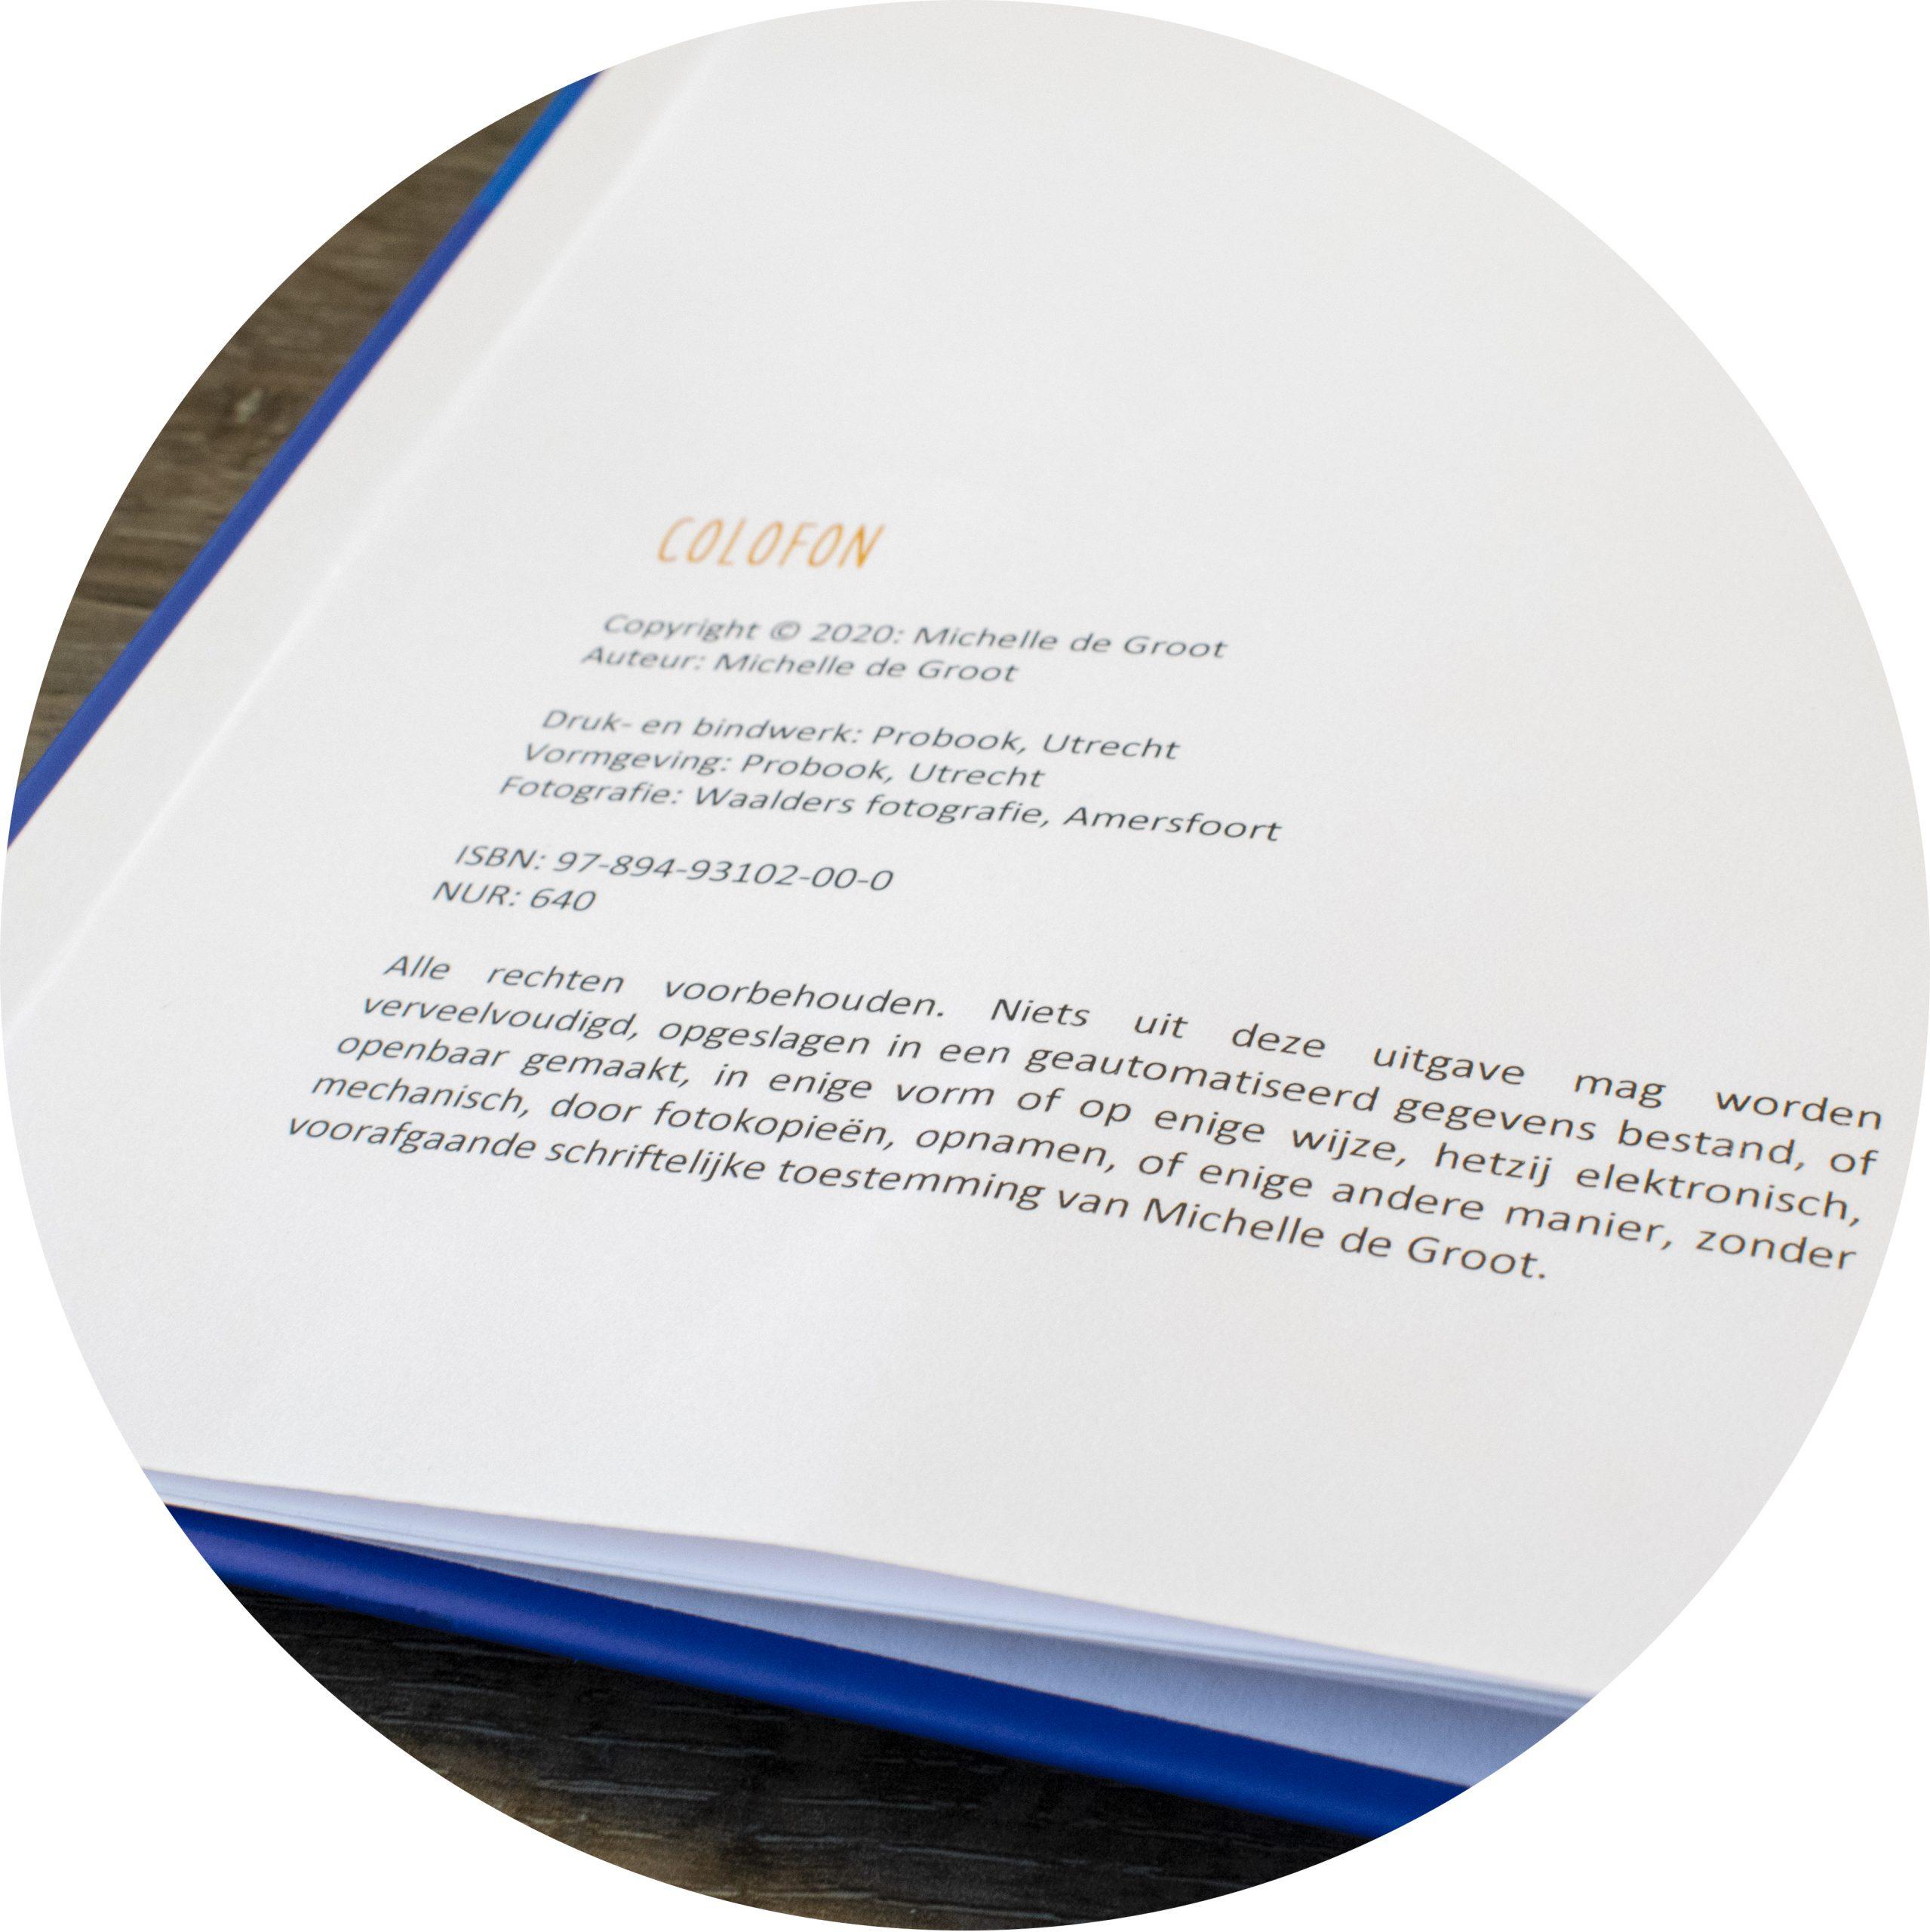 Colofon - auteursrechten